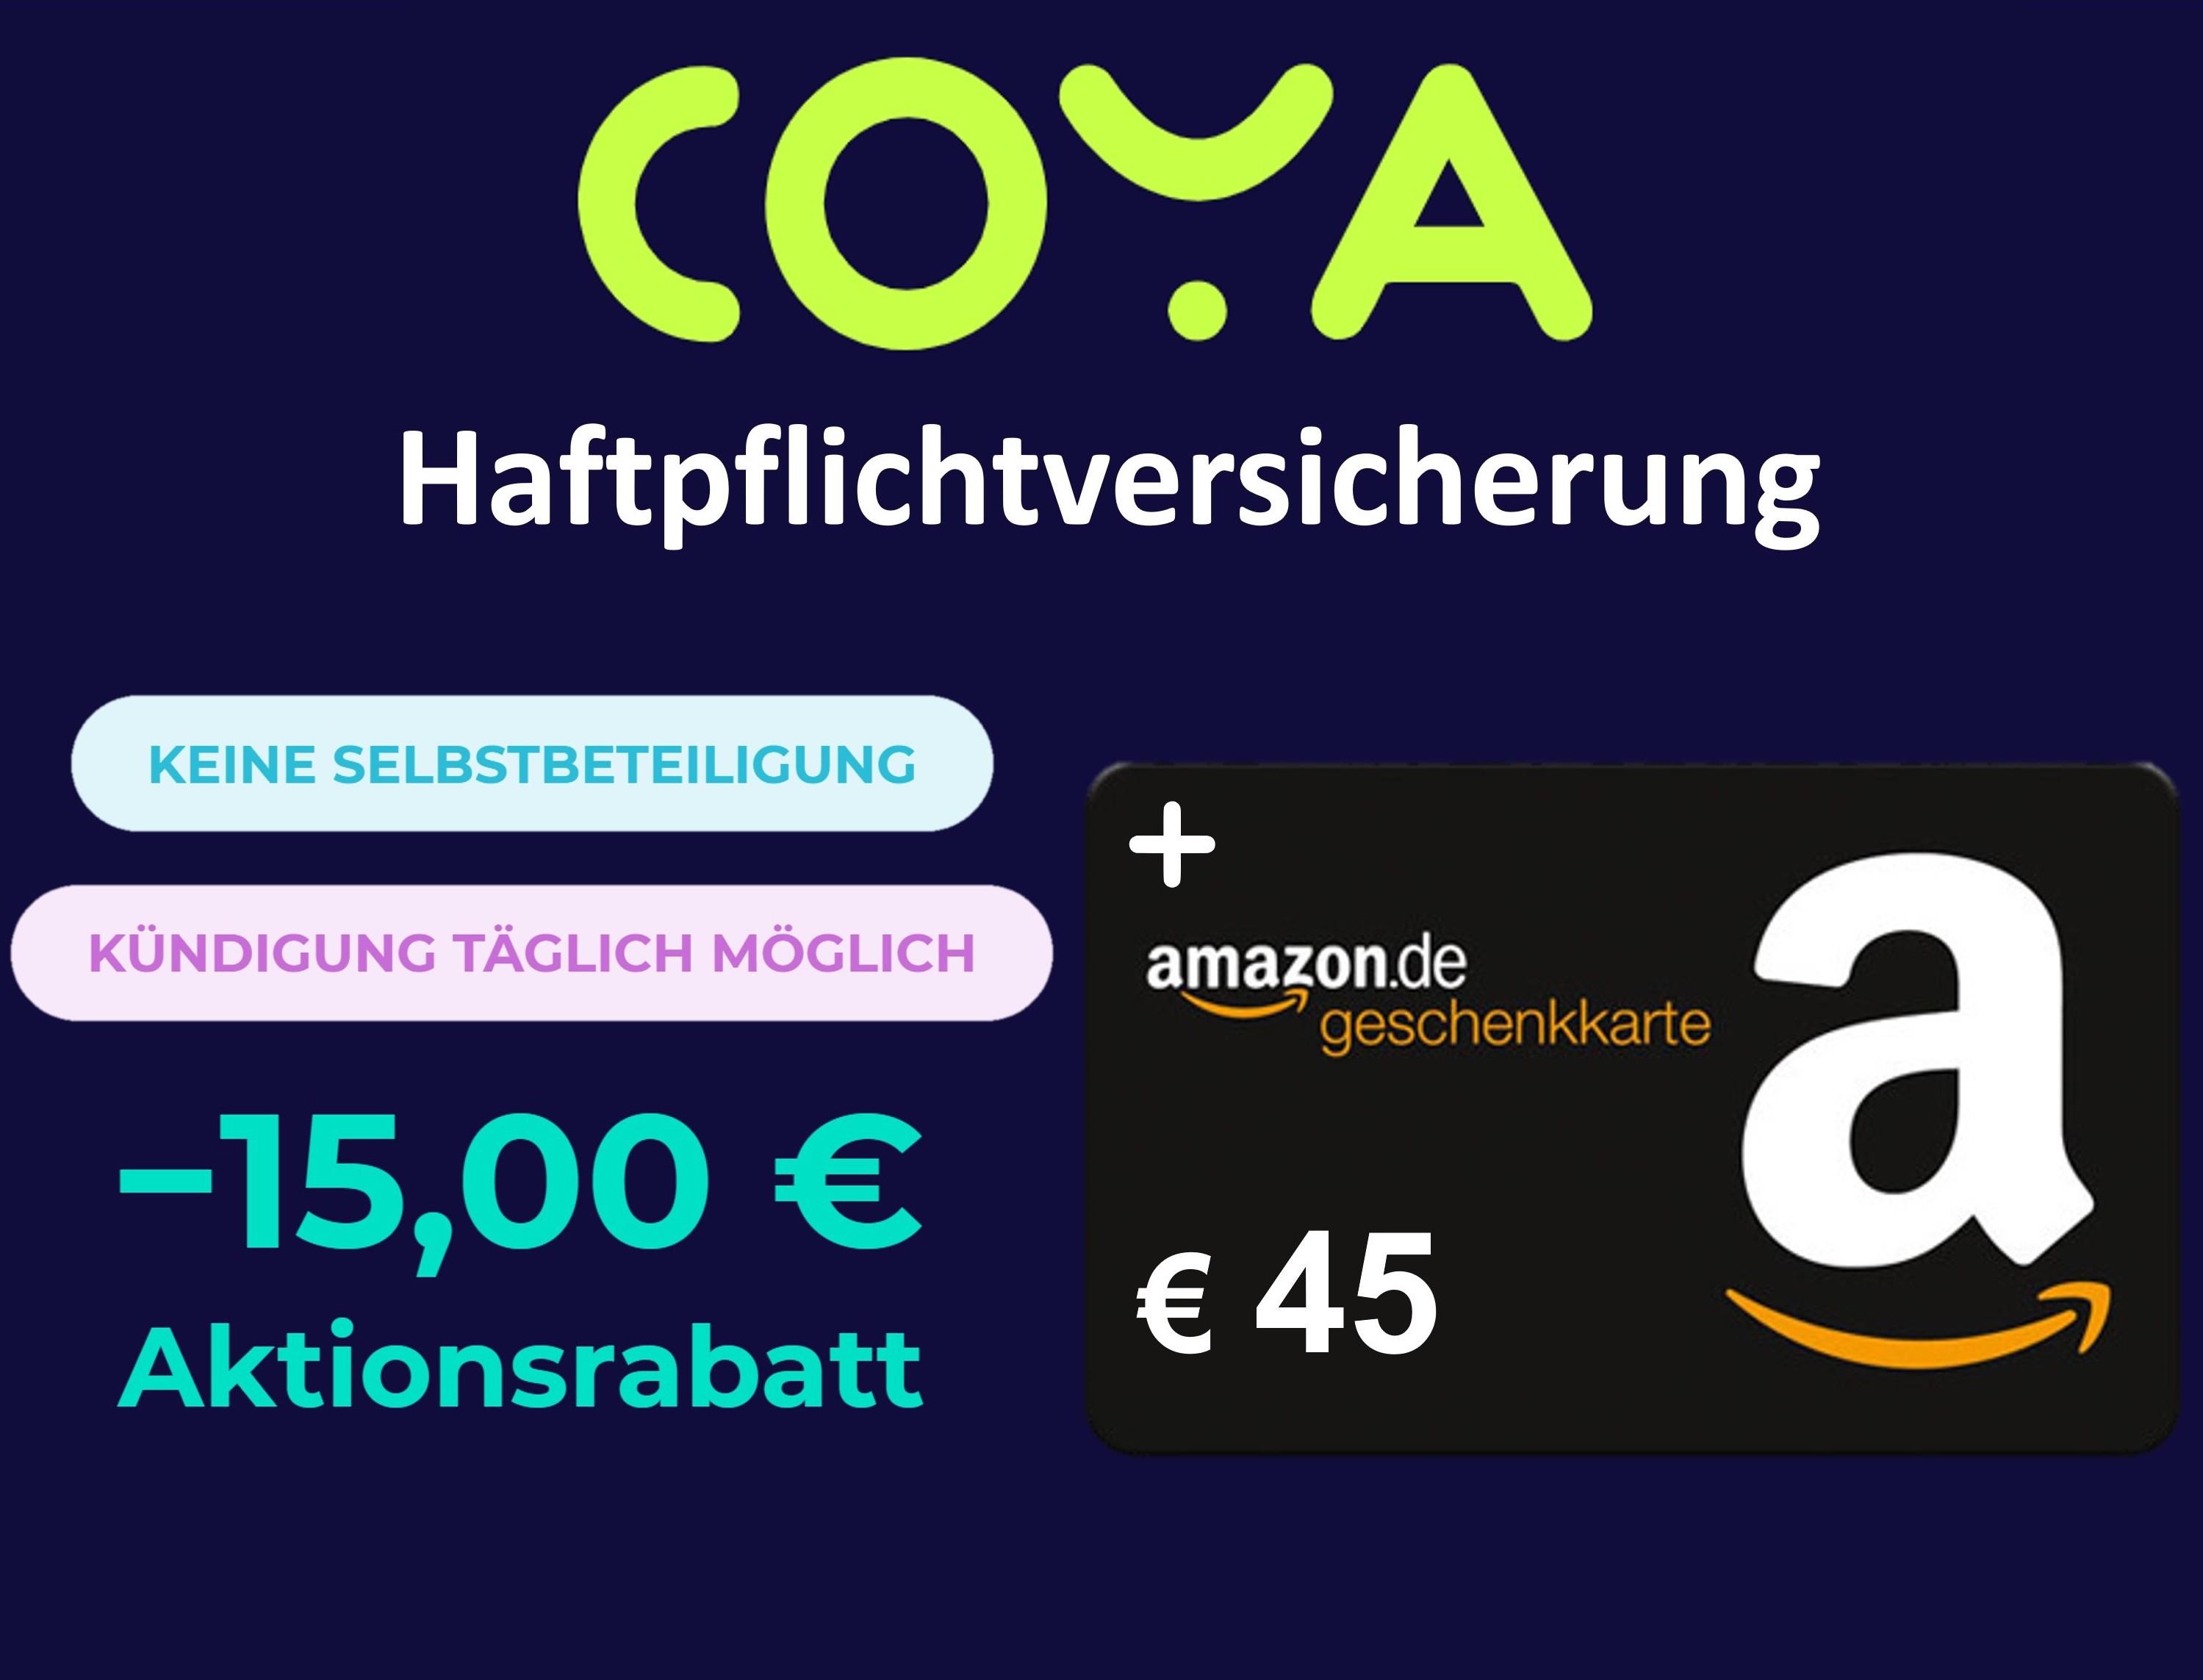 Eff. 33€ Gewinn mit Coya Haftpflichtversicherung & 45€ Amazon Gutschein + 15€ Rabatt für Singles & Familien [Neukunden, Premium Tarif]